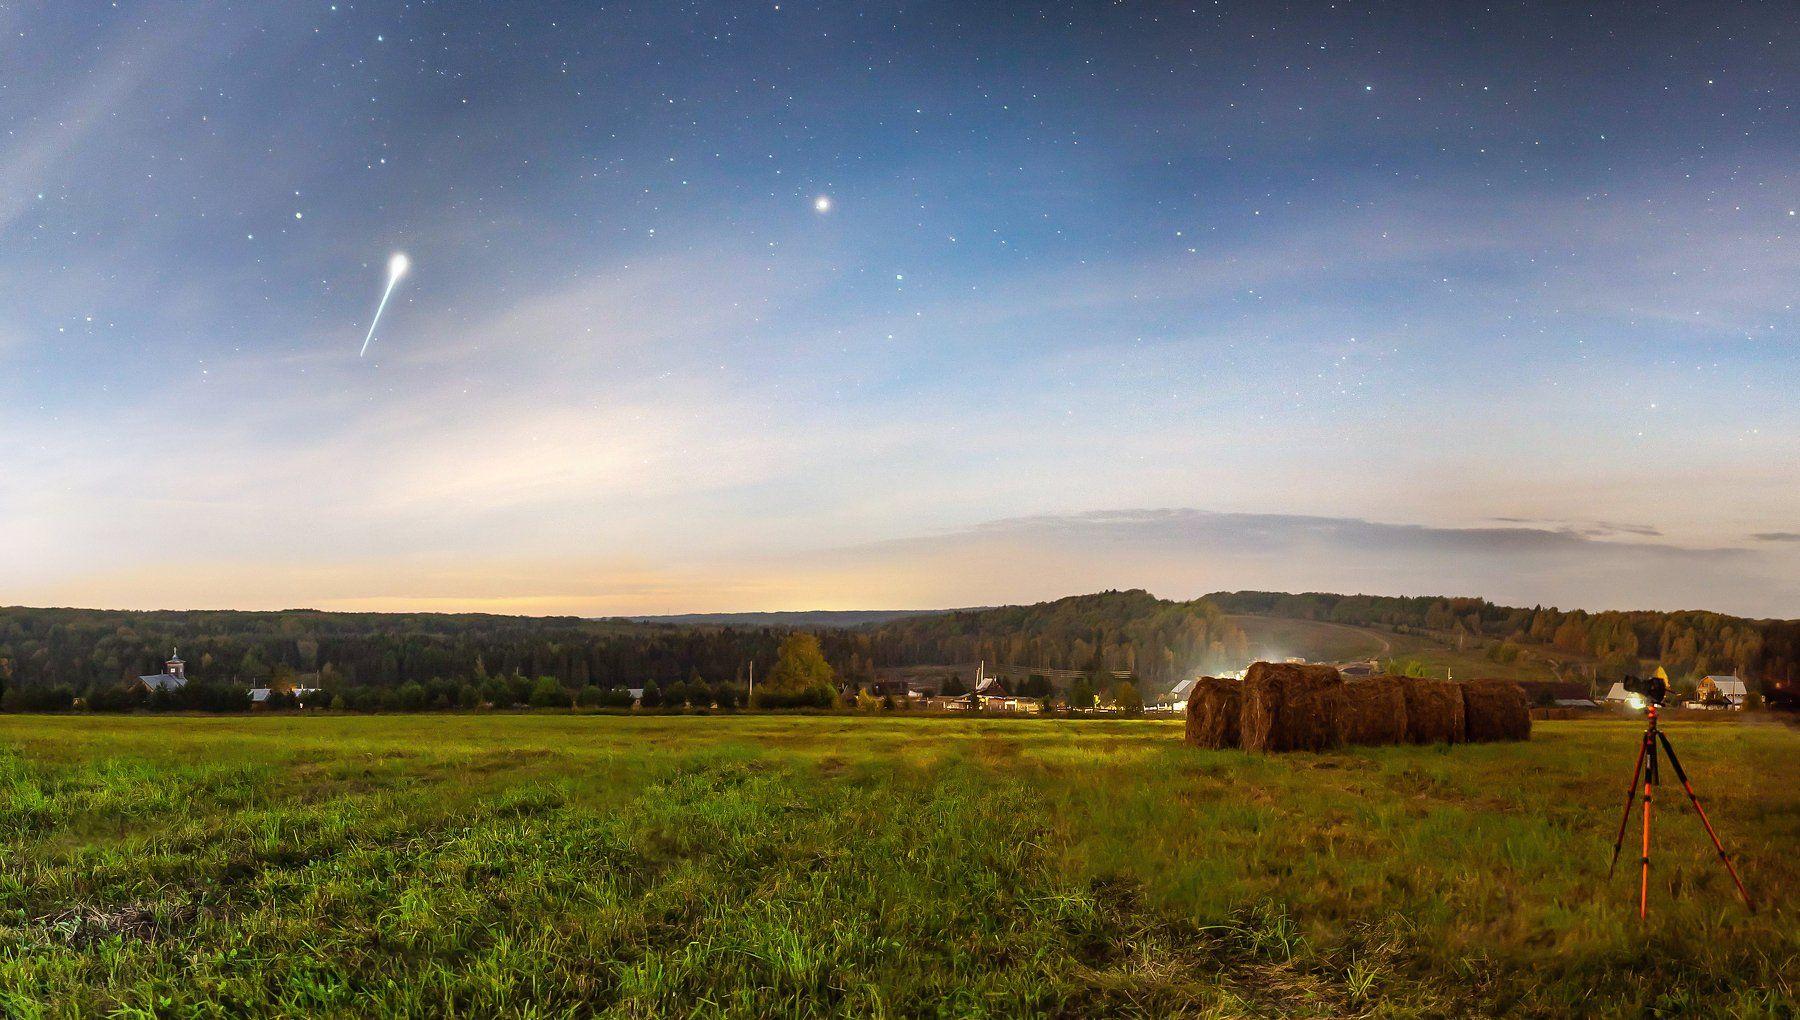 звезды, ночь, астрофото, пермскийкрай, лысьва, Андрей Козлов